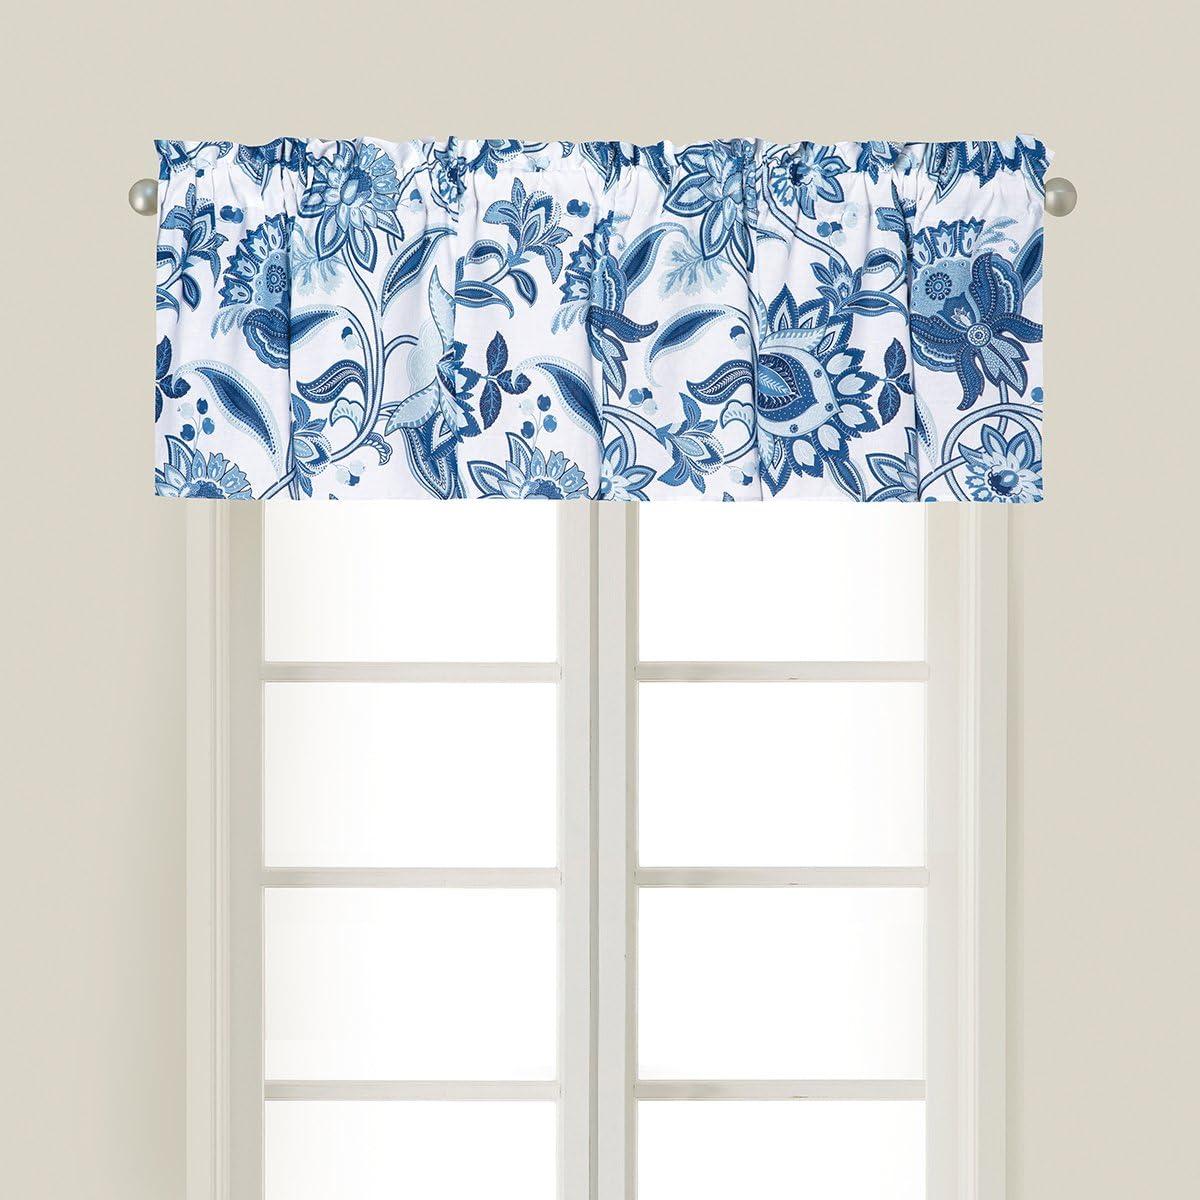 C F Home Julianna Blue Floral Botanical Garden Spring Summer Cotton Bedroom Guestroom Premium Window Valance Set of 2 Valance Set of 2 Blue